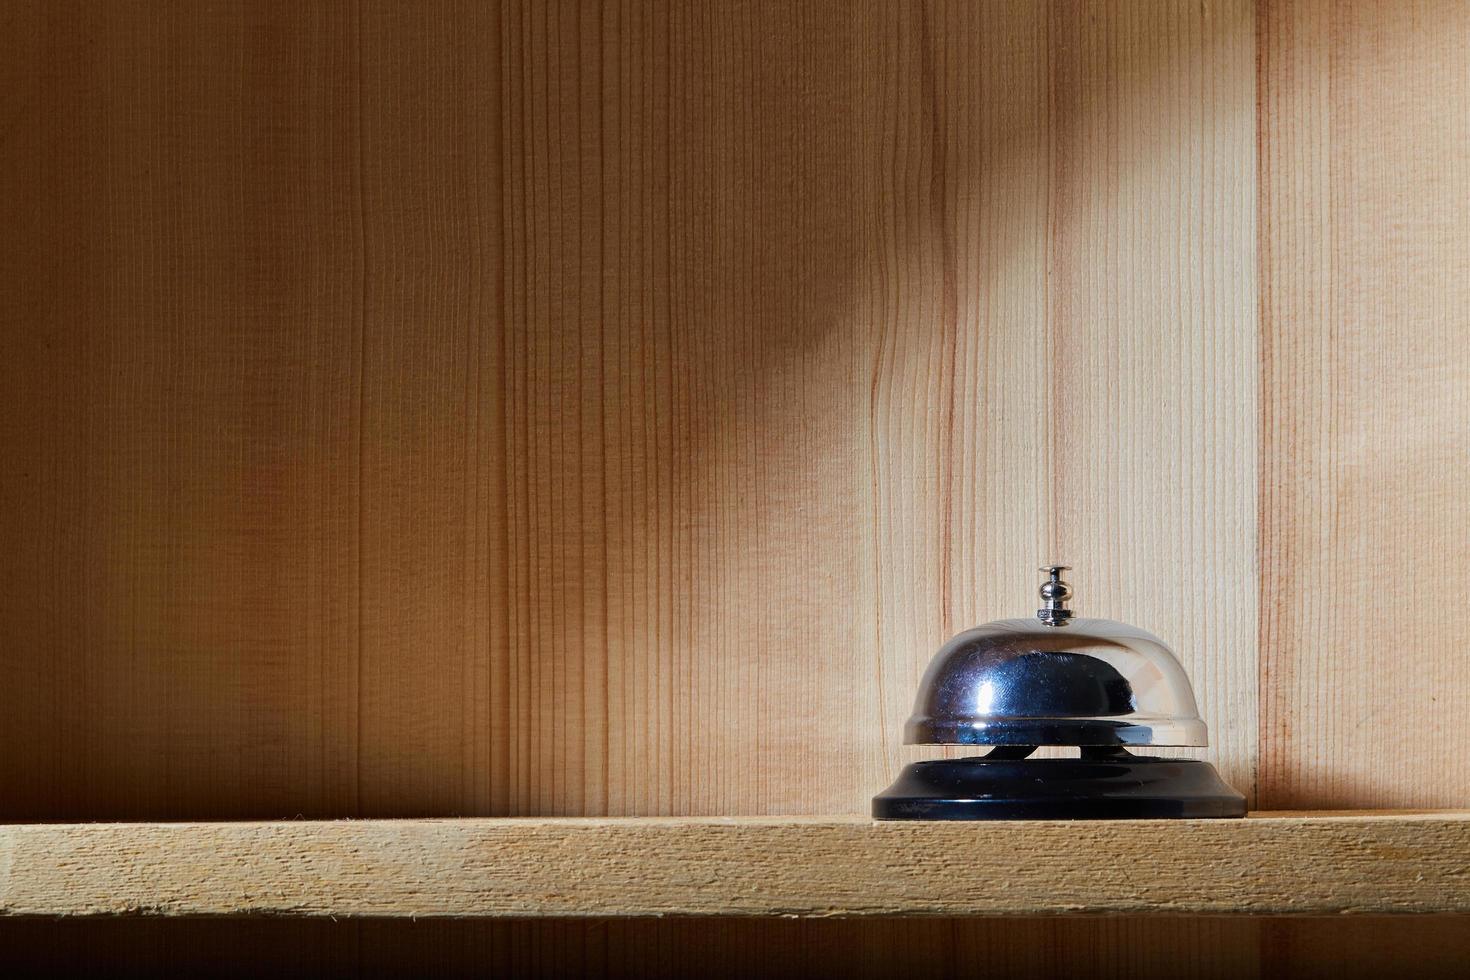 campana de servicio en un estante foto